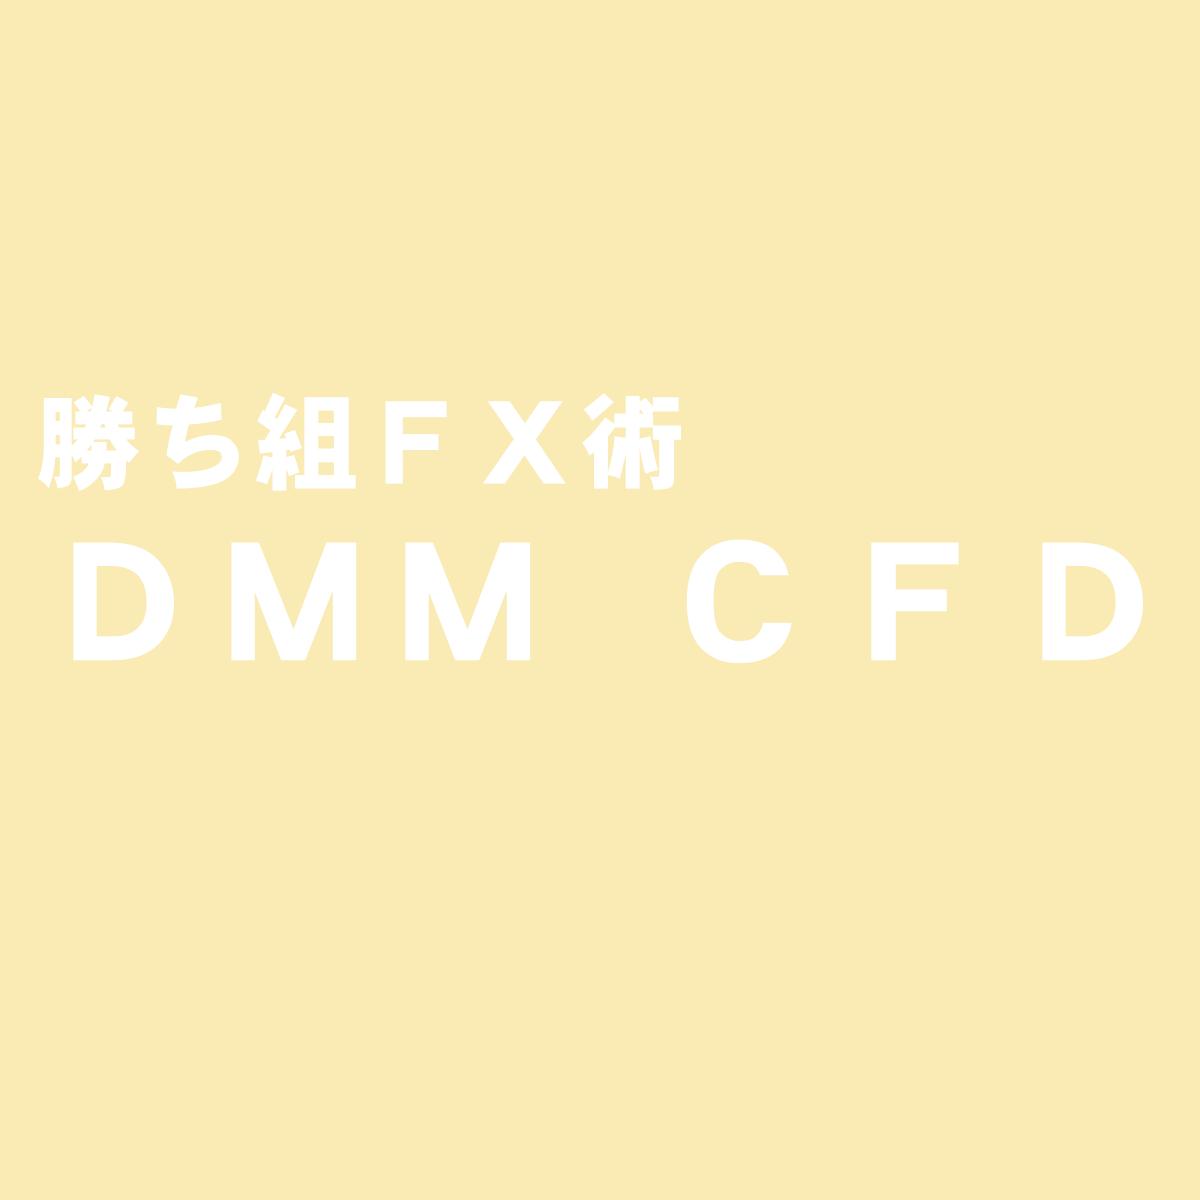 DMMCFD